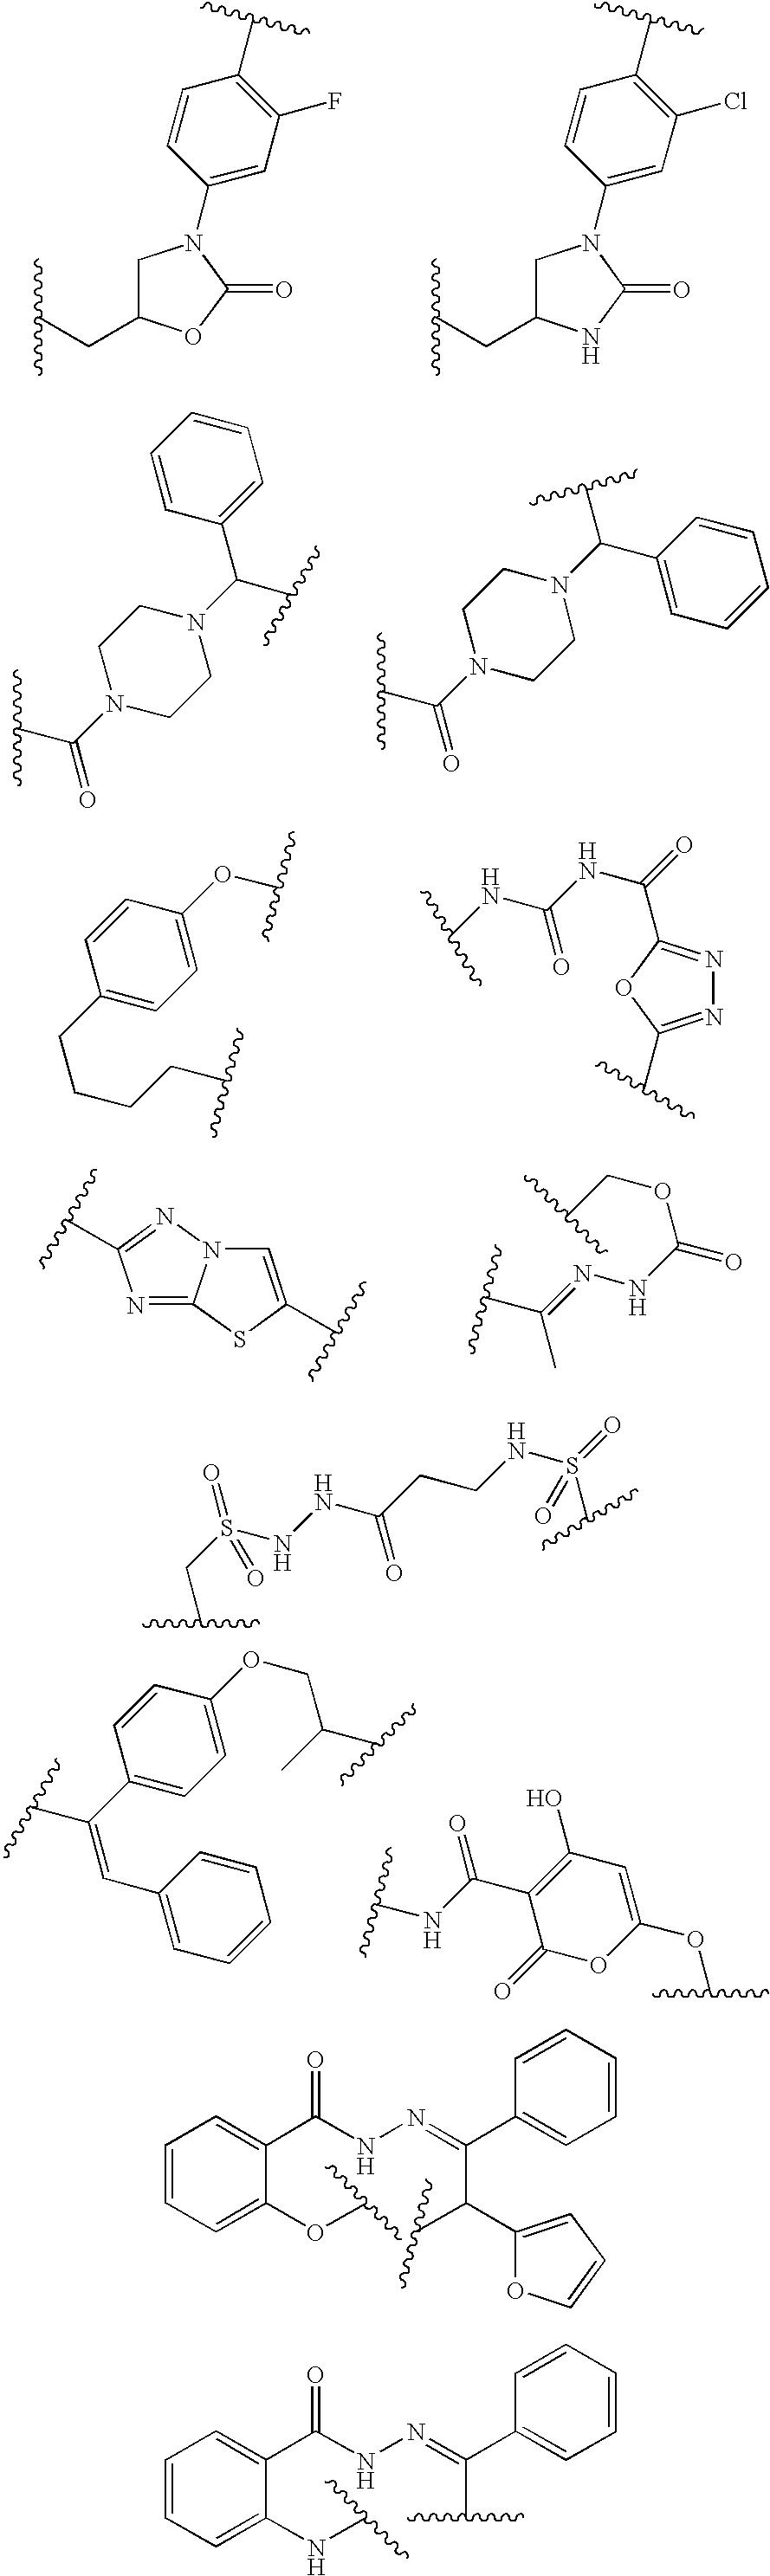 Figure US20040204477A1-20041014-C00004